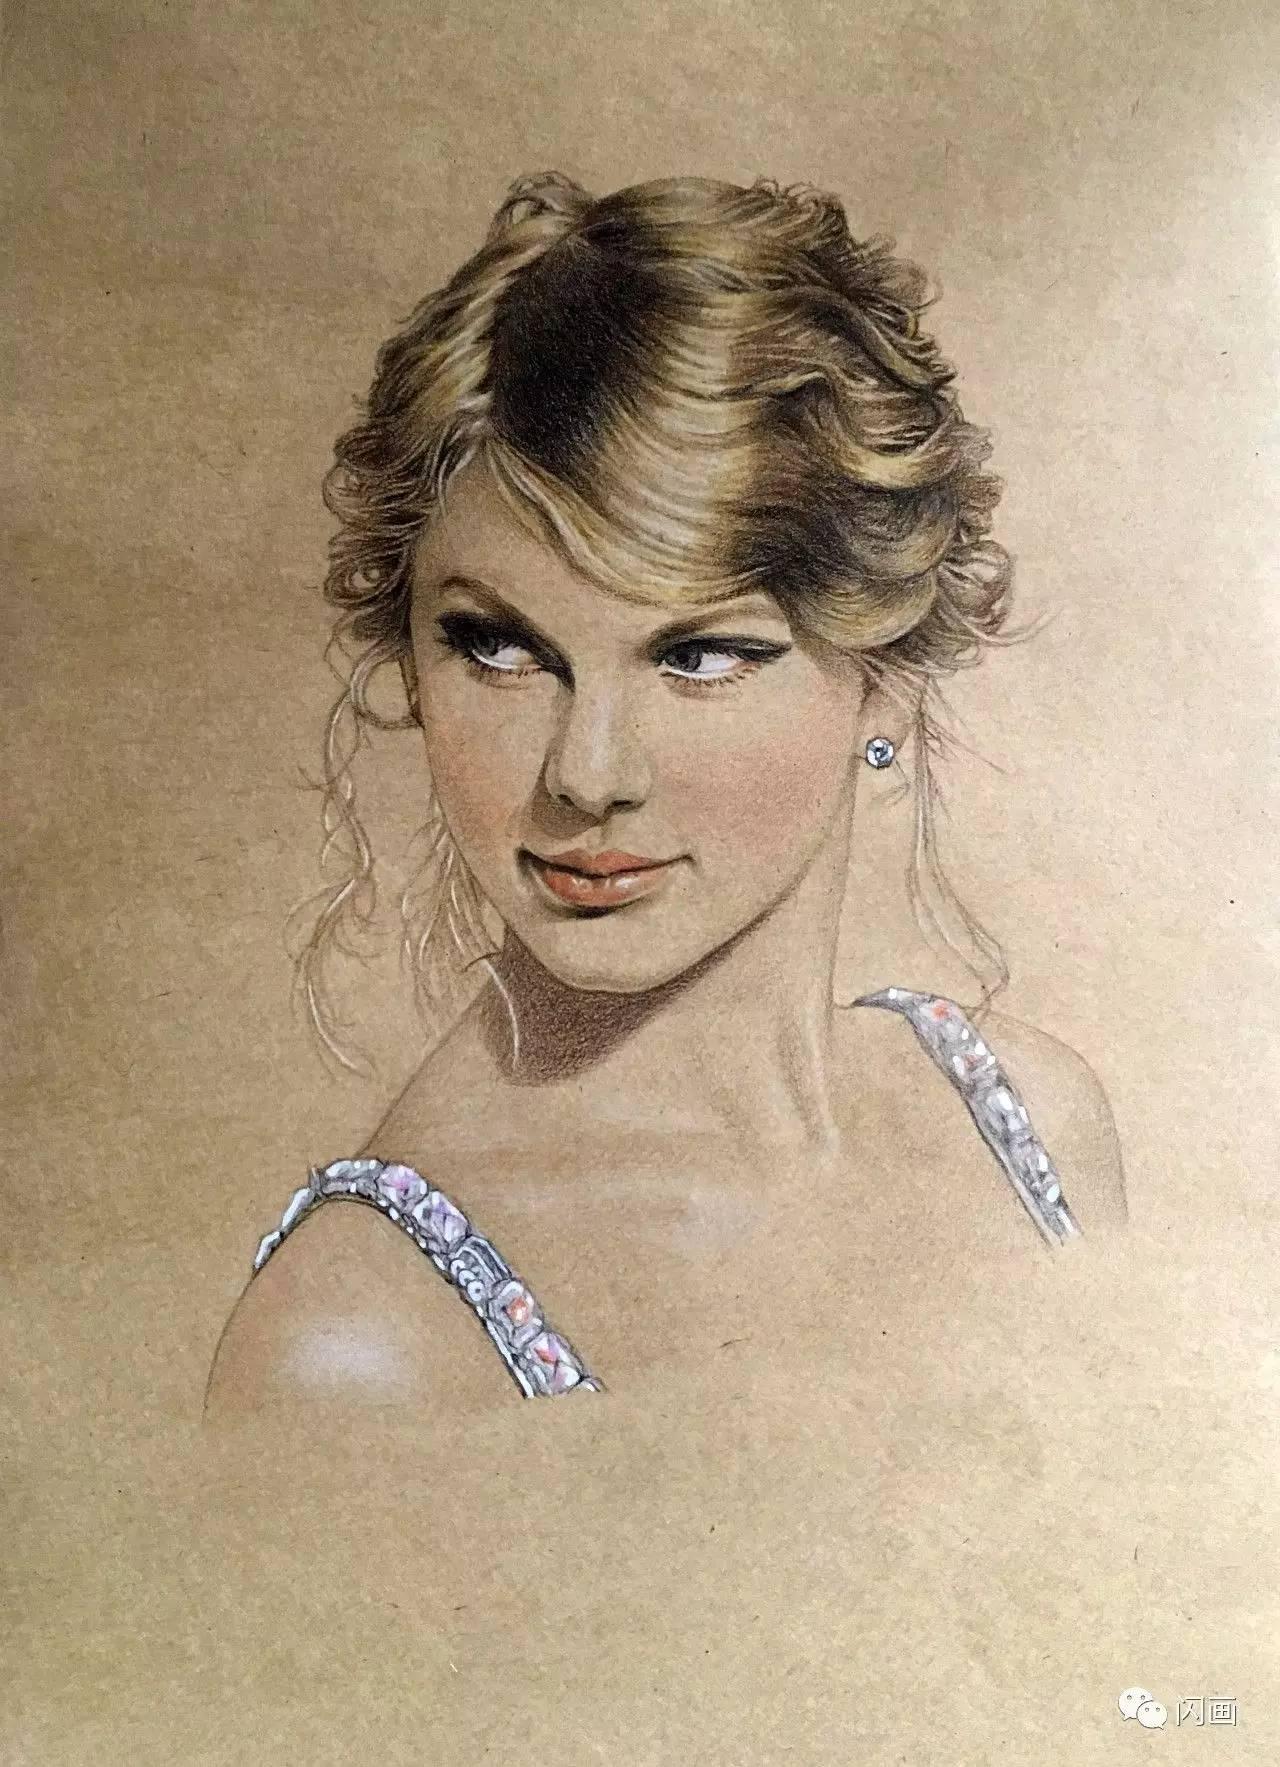 彩铅手绘《白鹿原》